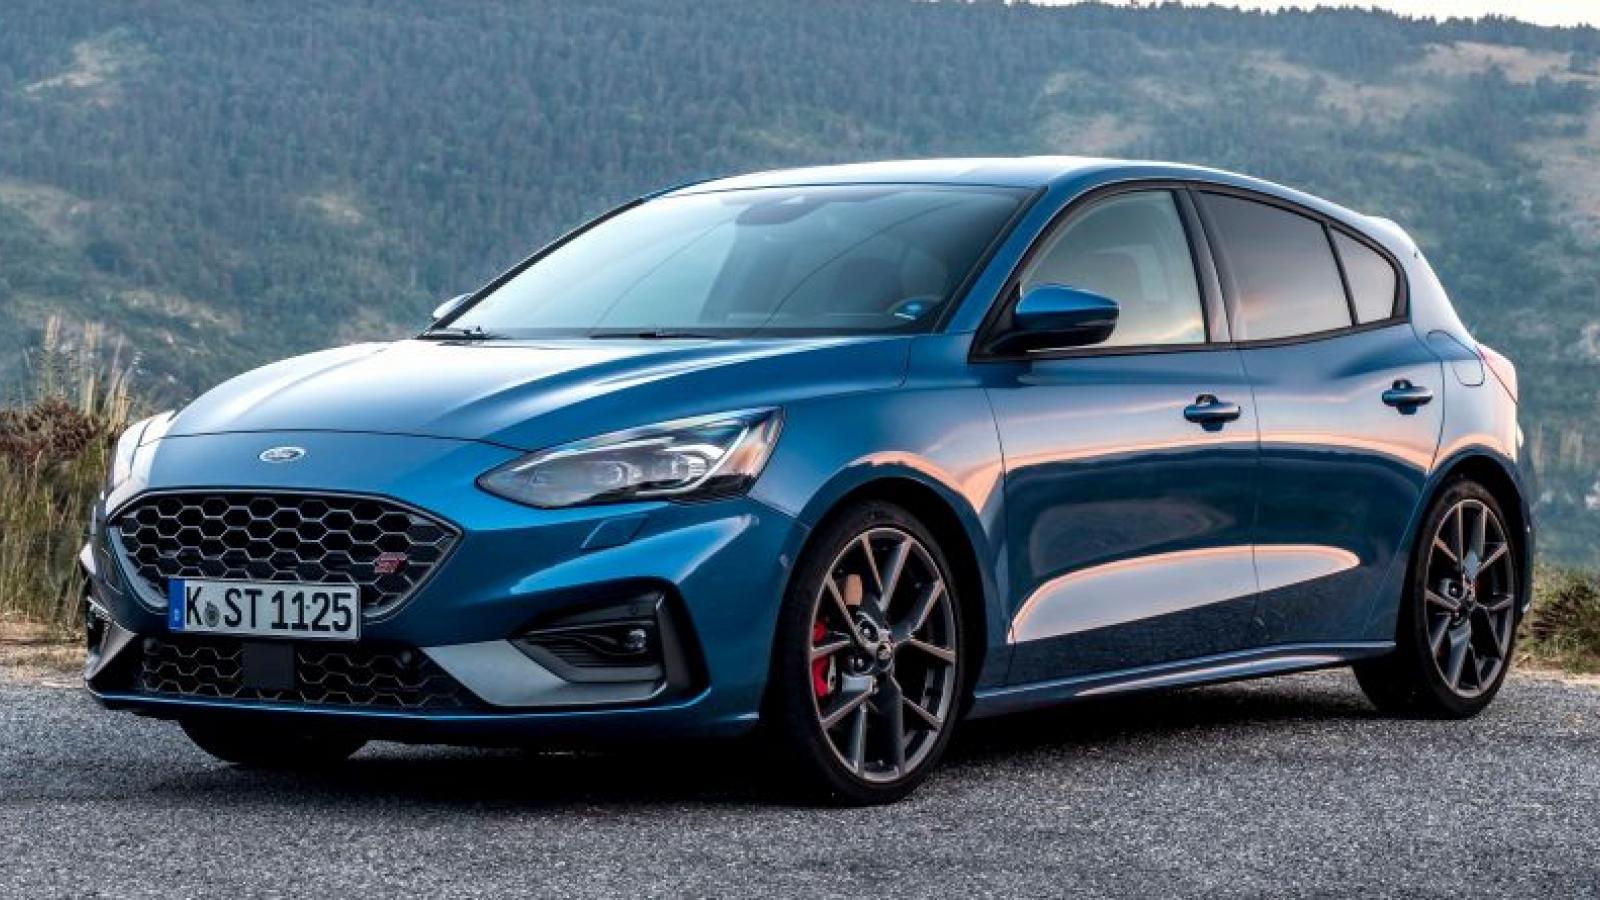 Thiếu hụt chip Ford cắt giảm sản xuất tại Đức